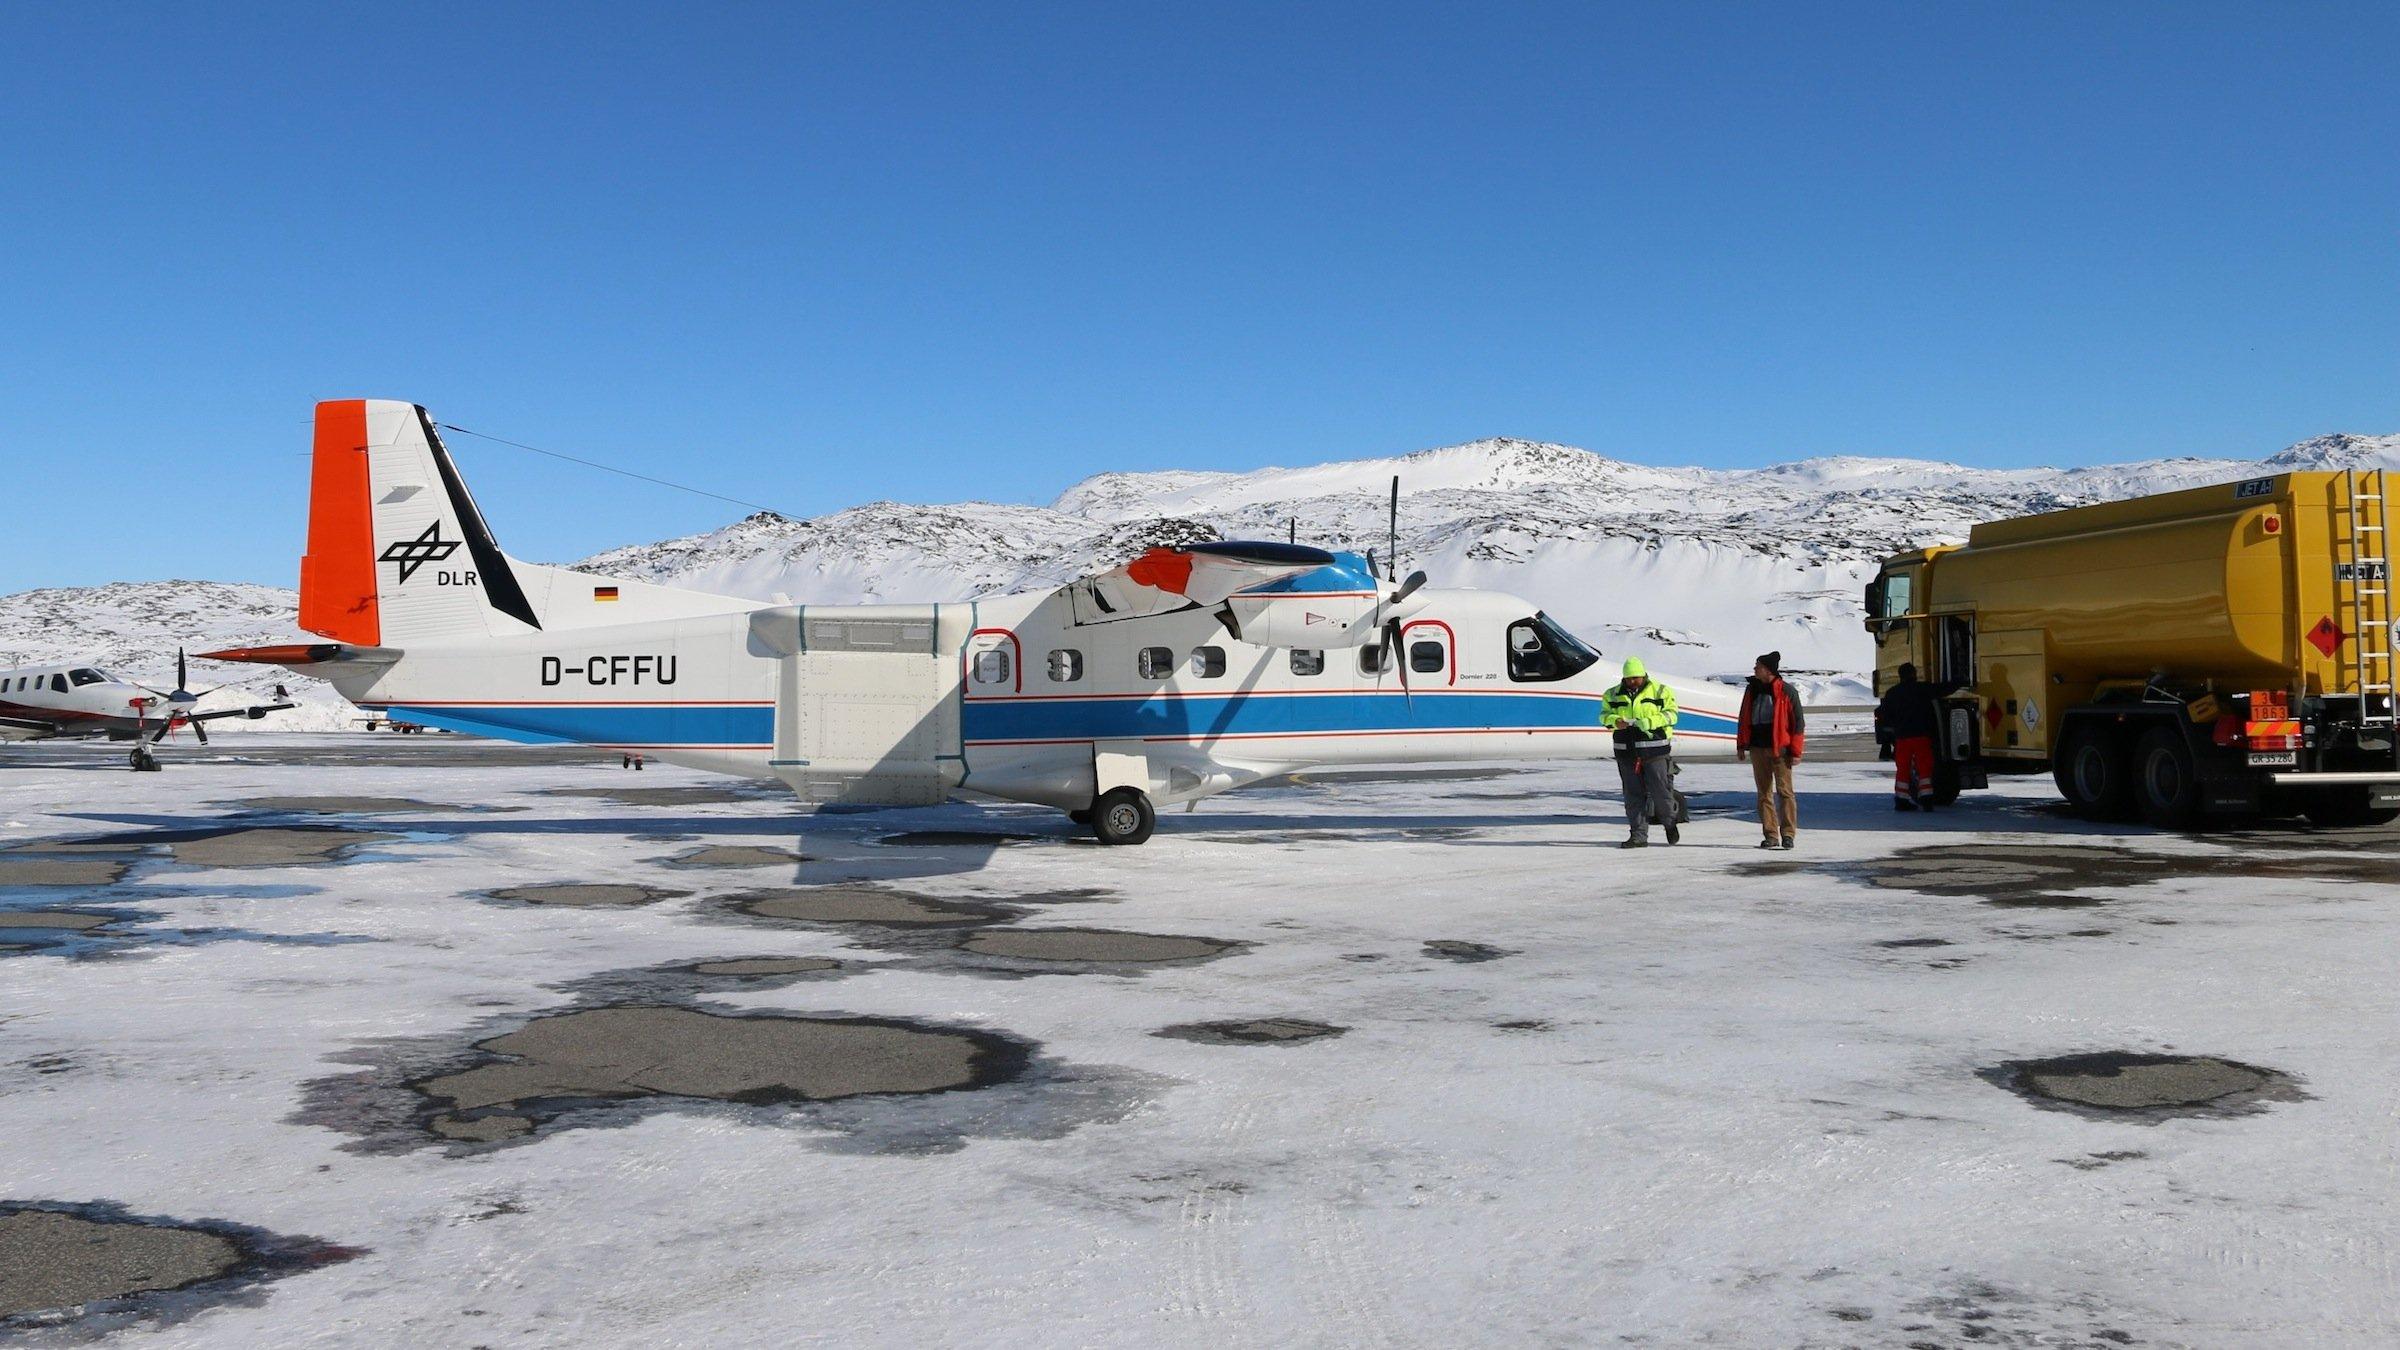 Das Forschungsflugzeug Do-228 D-CFFU des DLR mit dem F-SAR Radar System an Bord bei einer Zwischenlandung in Ilulissat, Grönland. Die Radarantennen sind seitlich am Rumpf des Flugzeugs zu erkennen. Noch bis Ende Mai erfassen die Messgeräte die Beschaffenheit des Eises bis in eine Tiefe von 50 m.